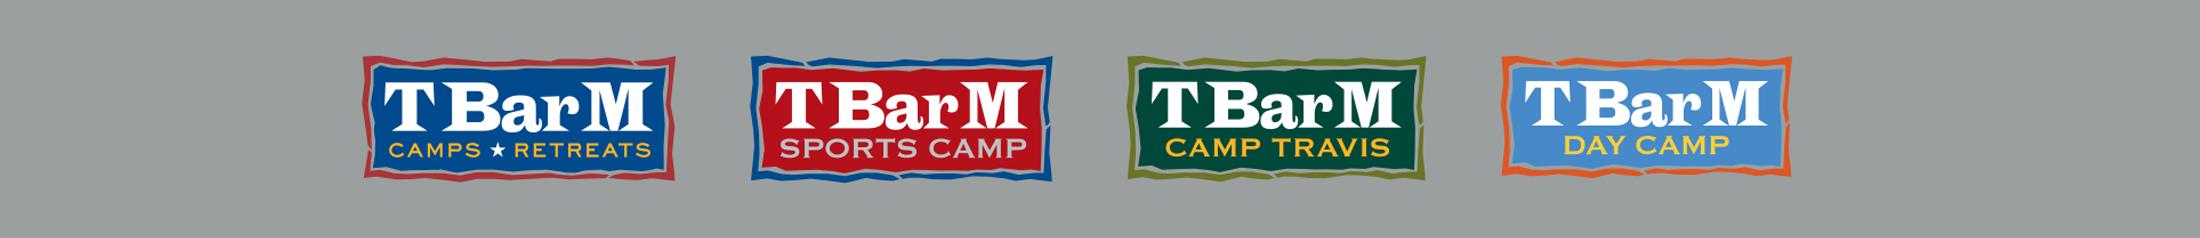 TBM_logo set_v2